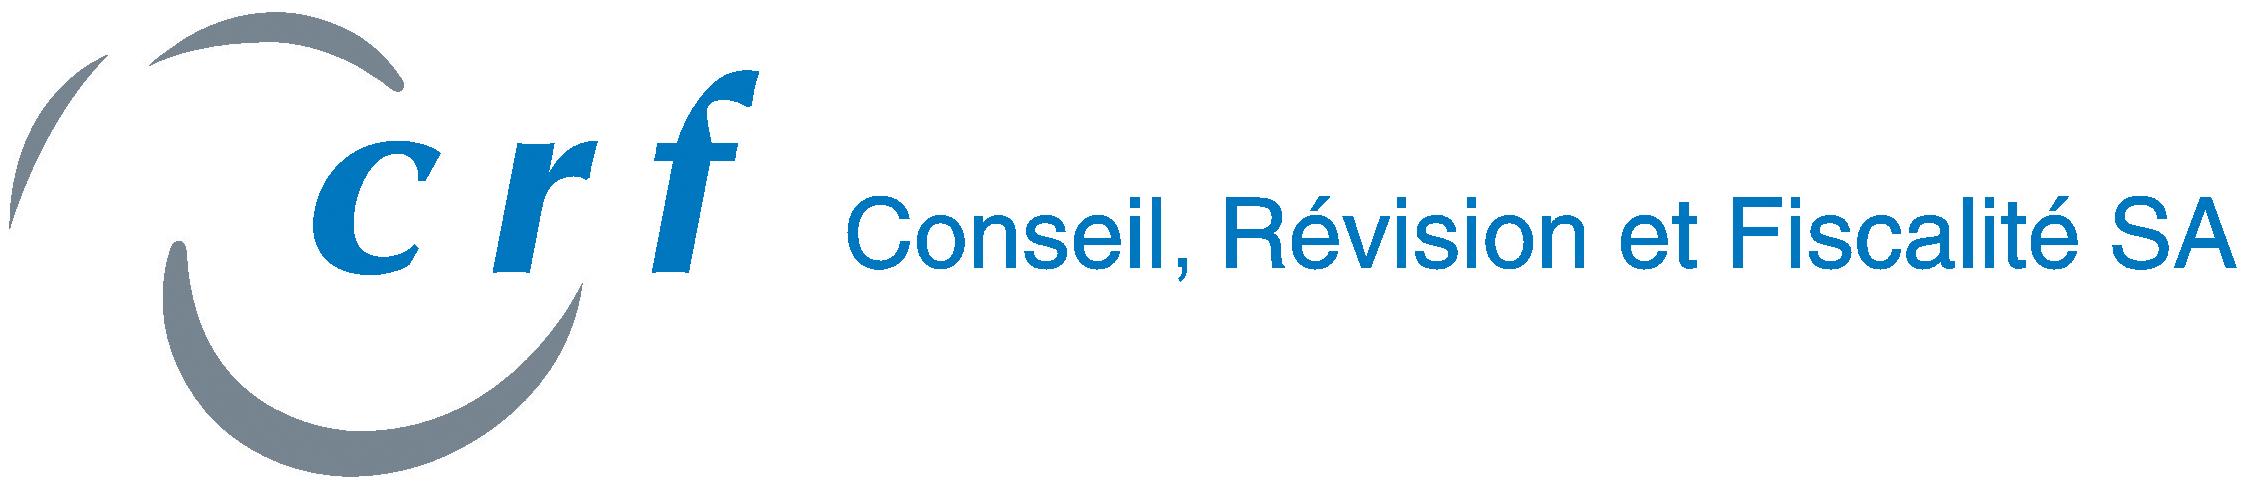 Logo Conseil, Révision et Fiscalité SA